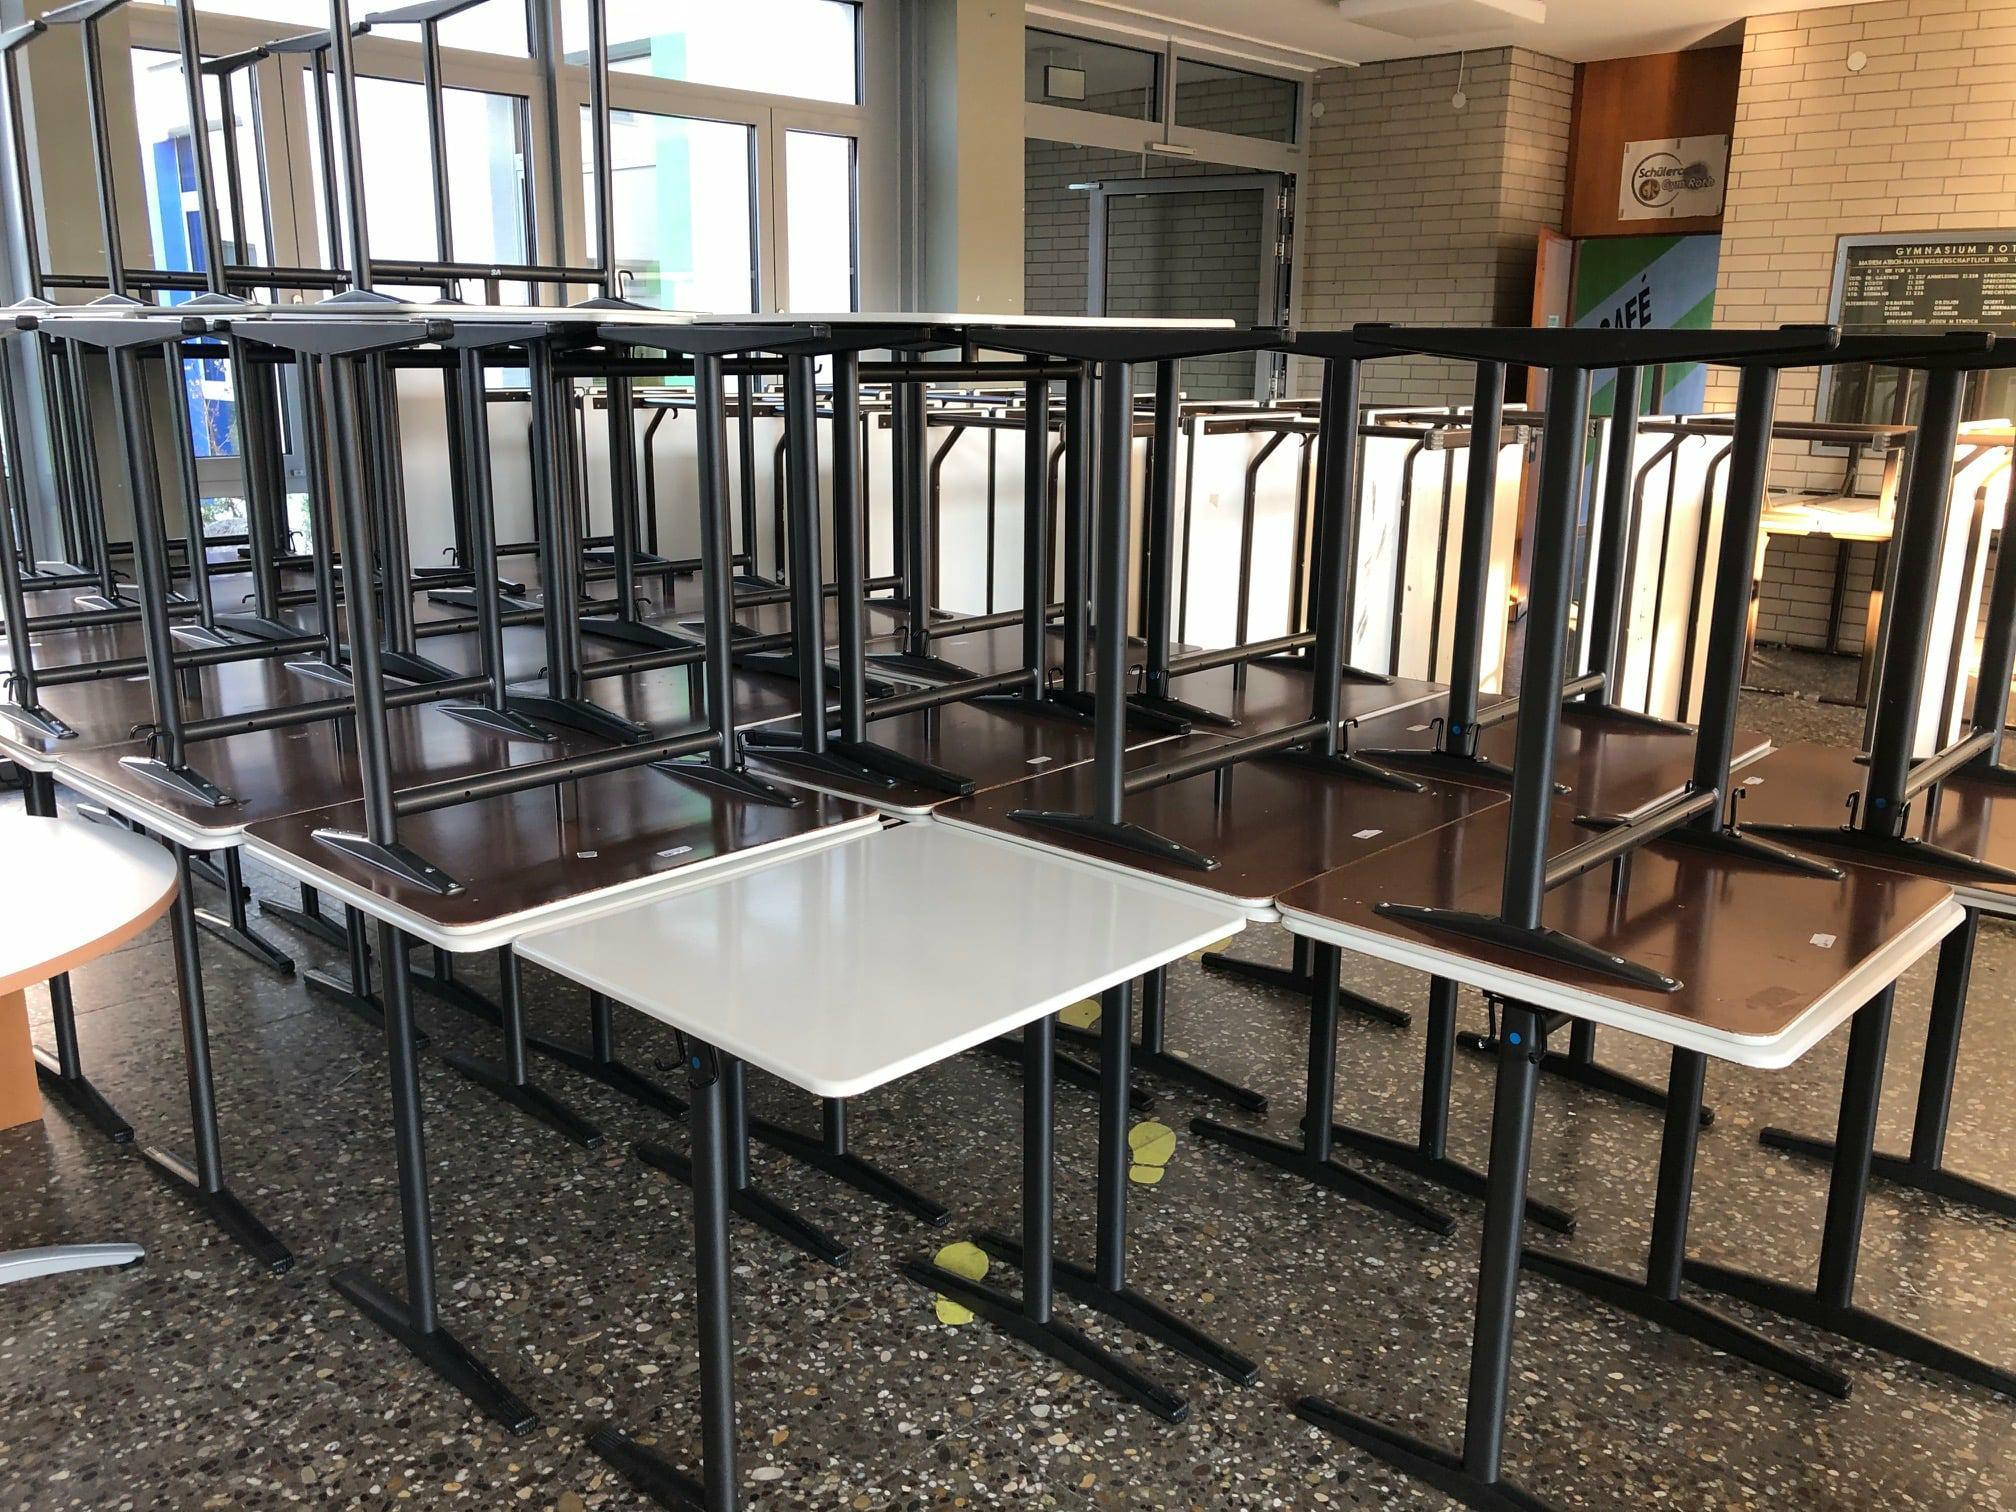 Συμβολική δωρεά στο Πανεπιστήμιο Δυτικής Μακεδονίας από το Σύλλογο Ποντίων Νυρεμβέργης